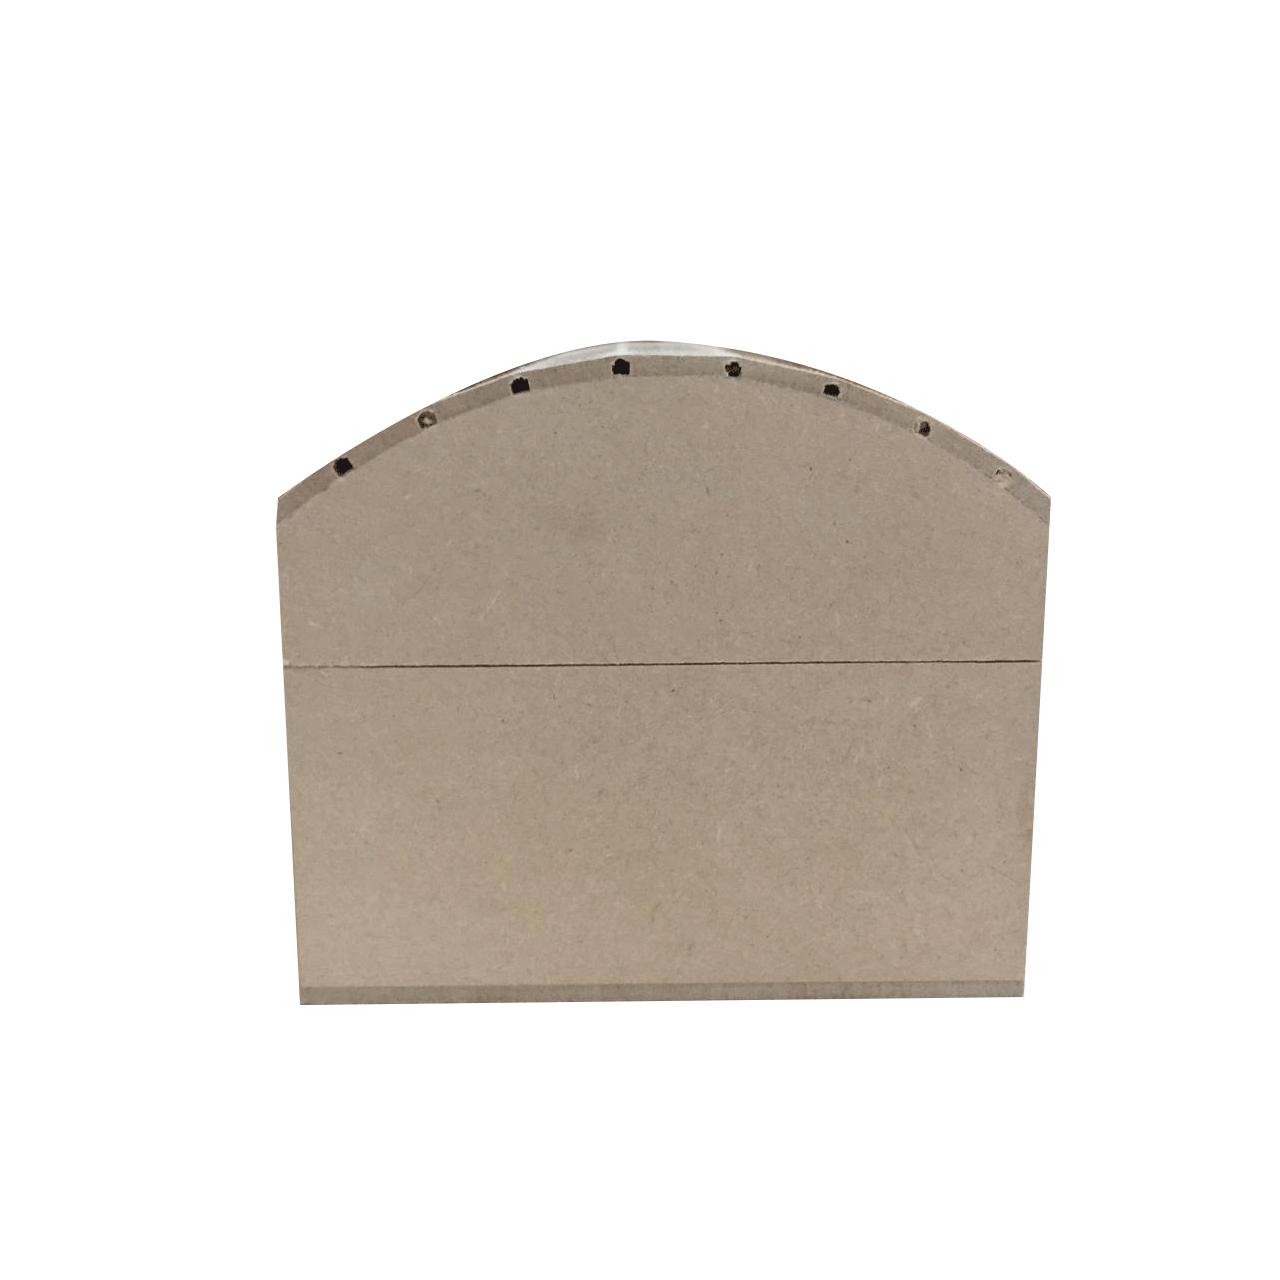 Baú em MDF - Pequeno 17X12X10